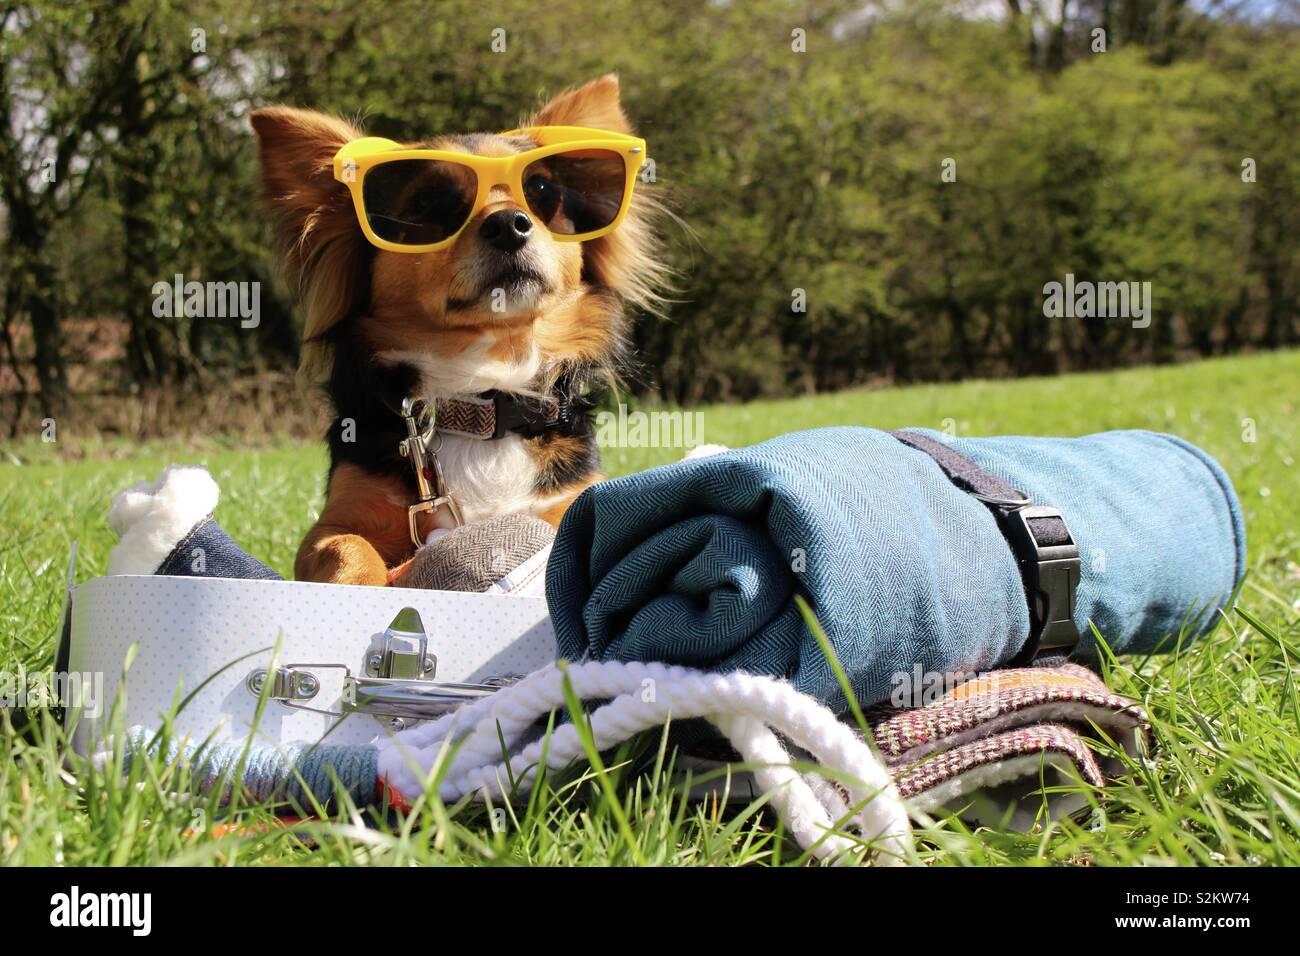 Sommer Hund mit Sonnenbrille und Koffer Stockfoto